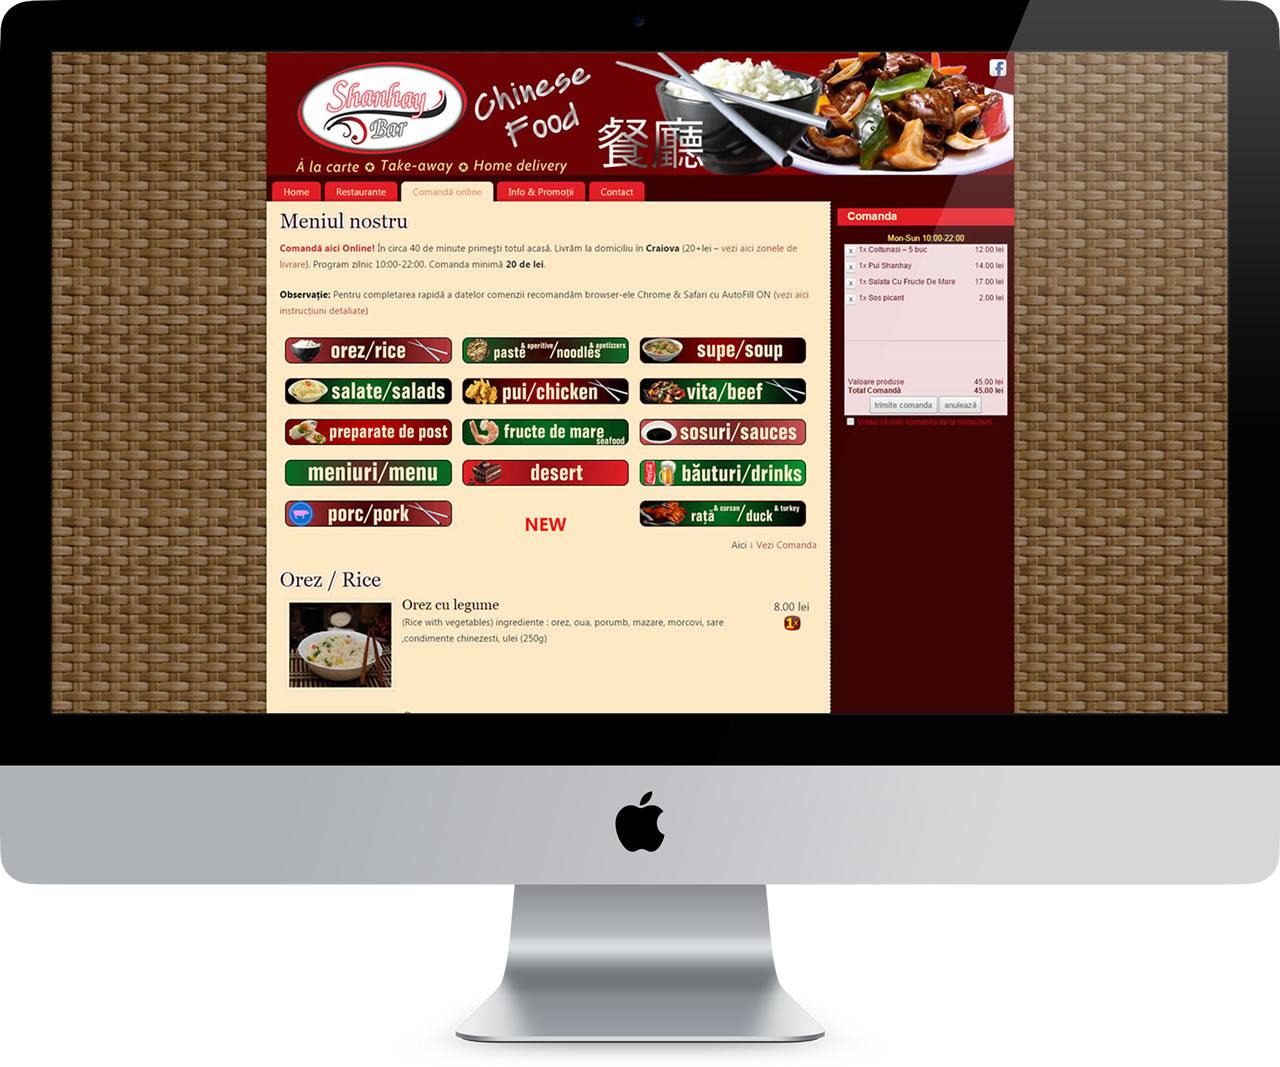 website 027 responsive restaurant chinezesc shanhay bar - livrare domiciliu